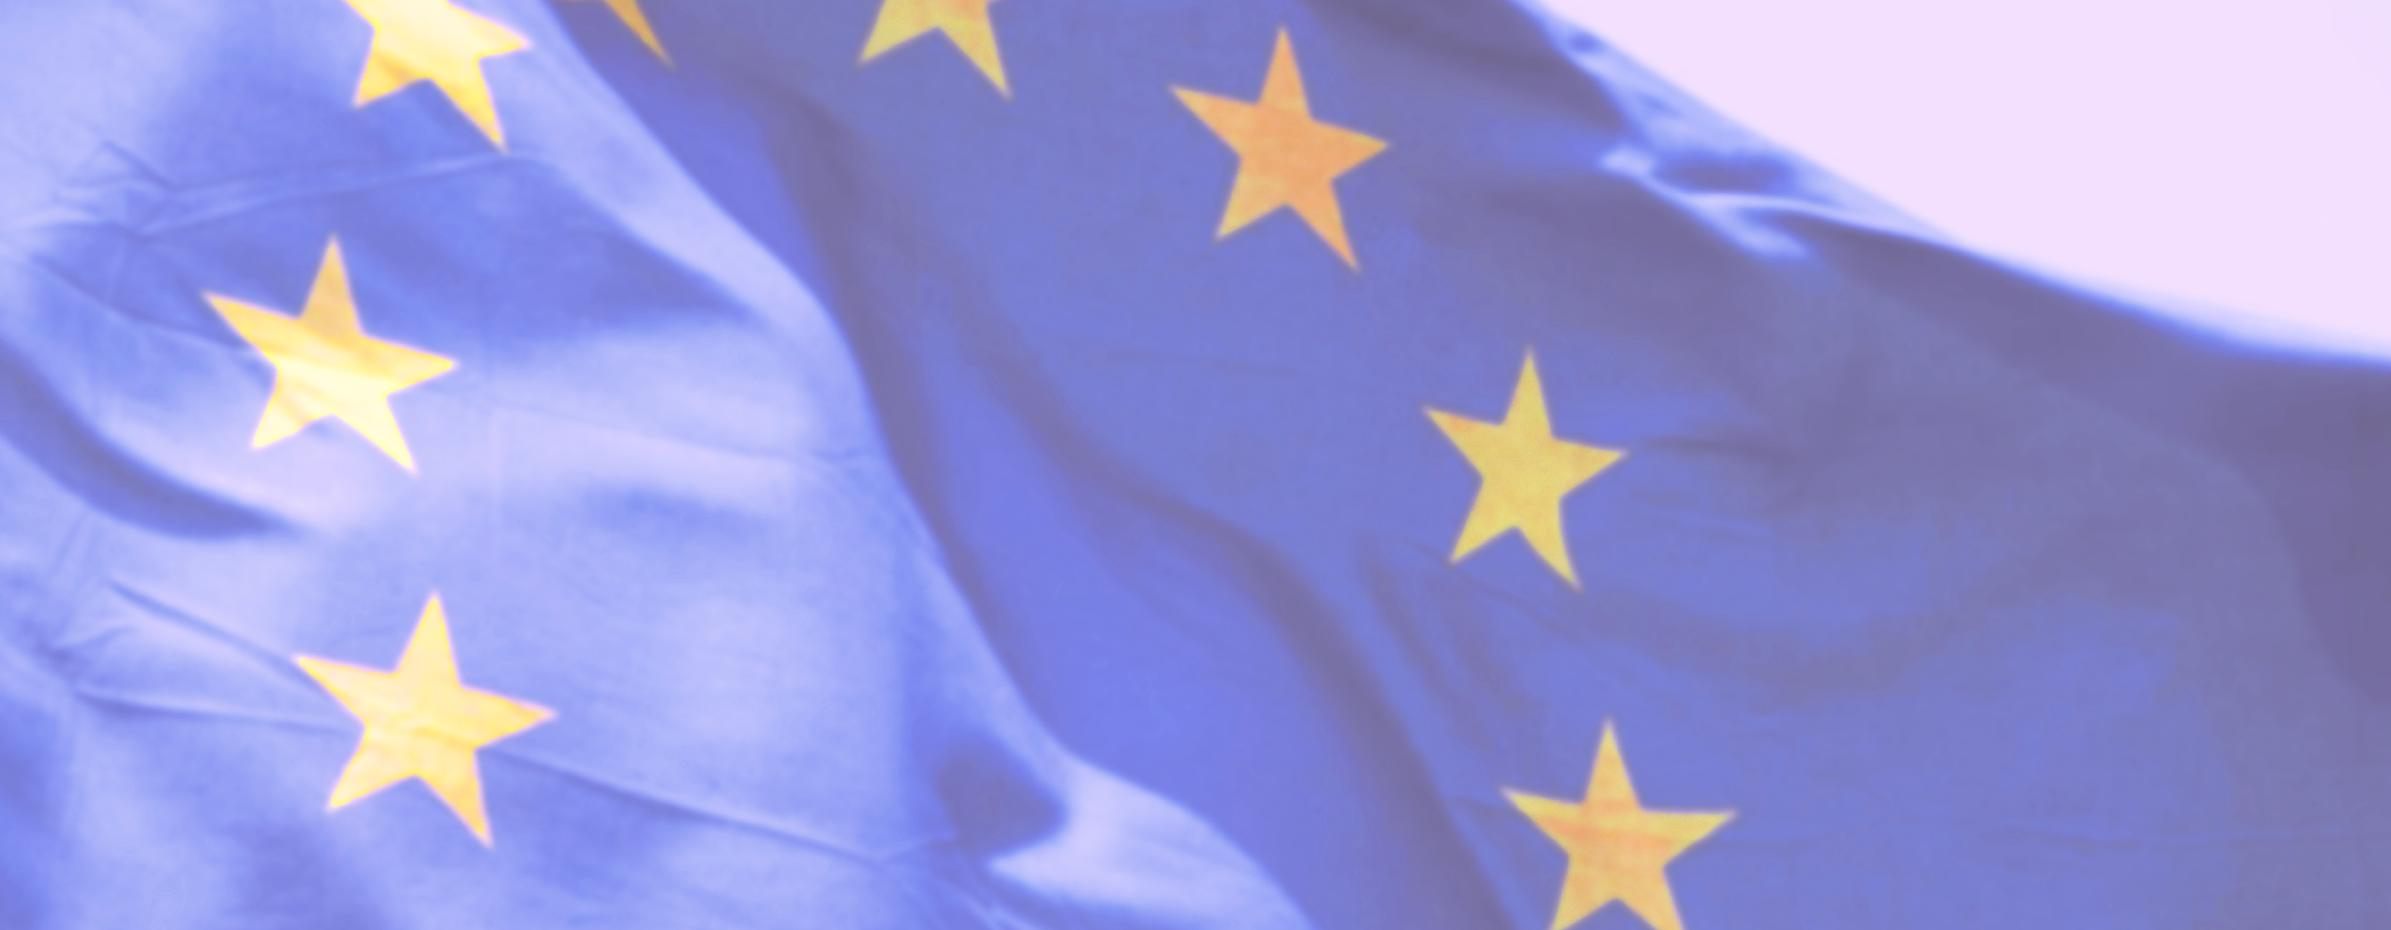 Europrogettazione, di cosa si occupa un professionista esperto in fondi europei ?